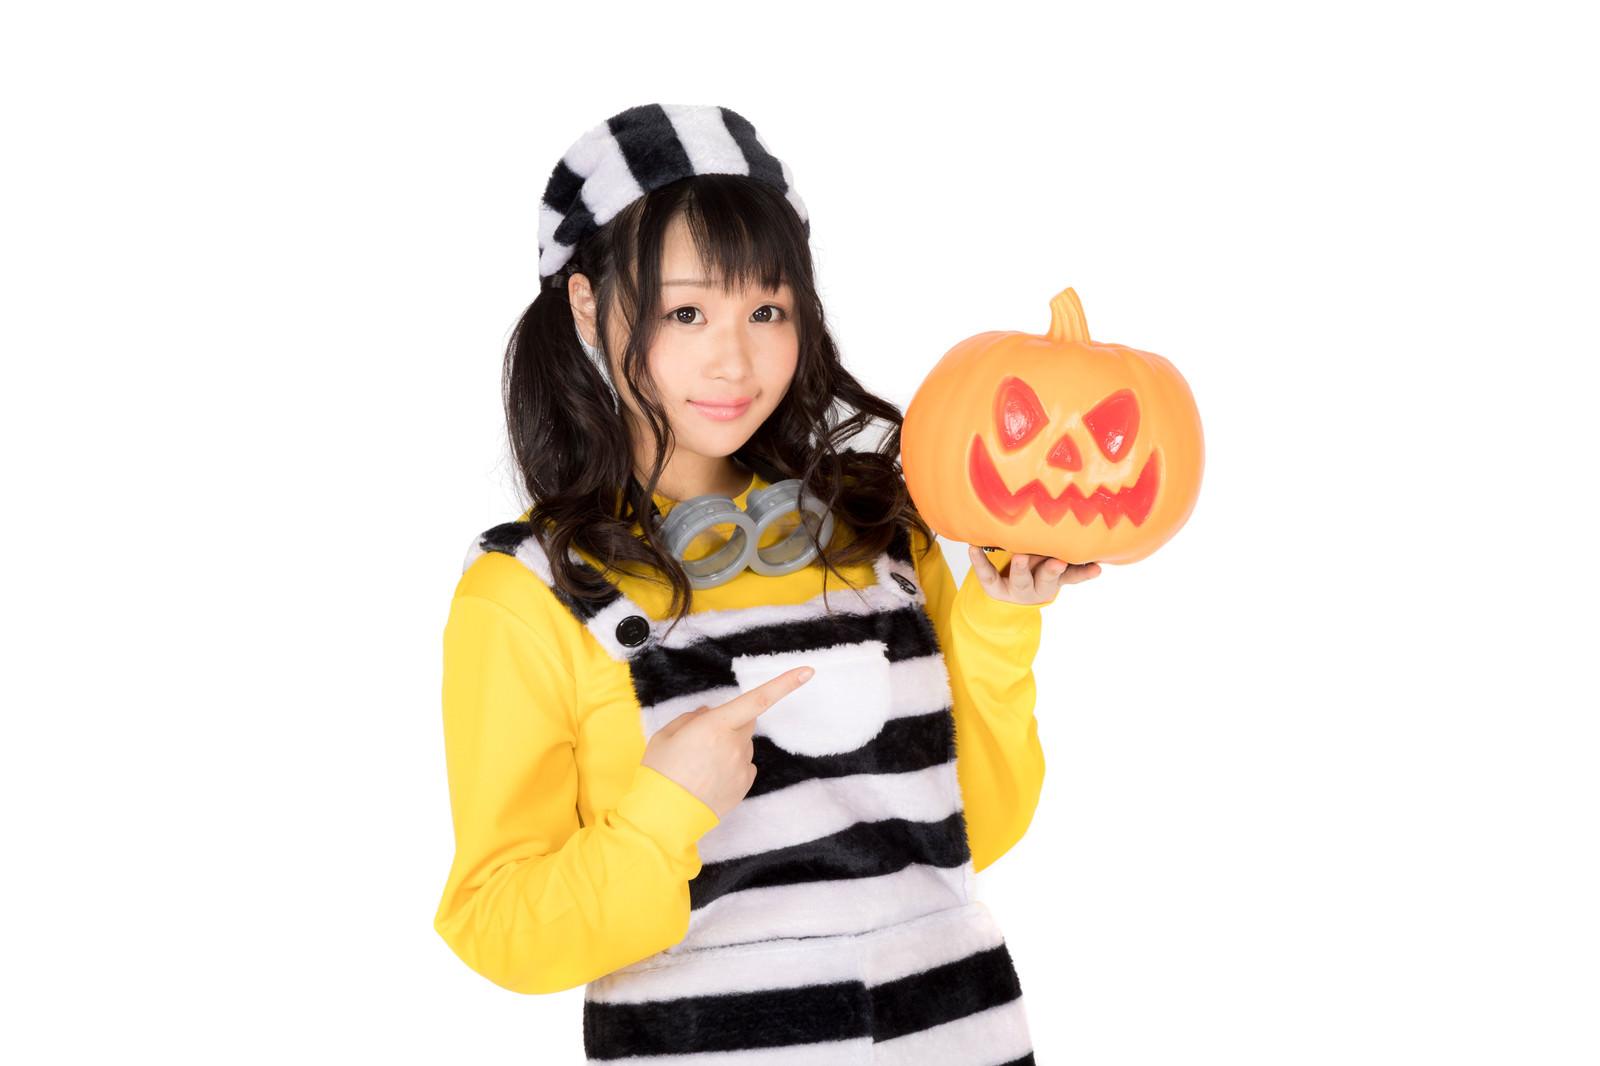 「ハロウィンと言えば仮装とかぼちゃのお化けだよね」の写真[モデル:茜さや]